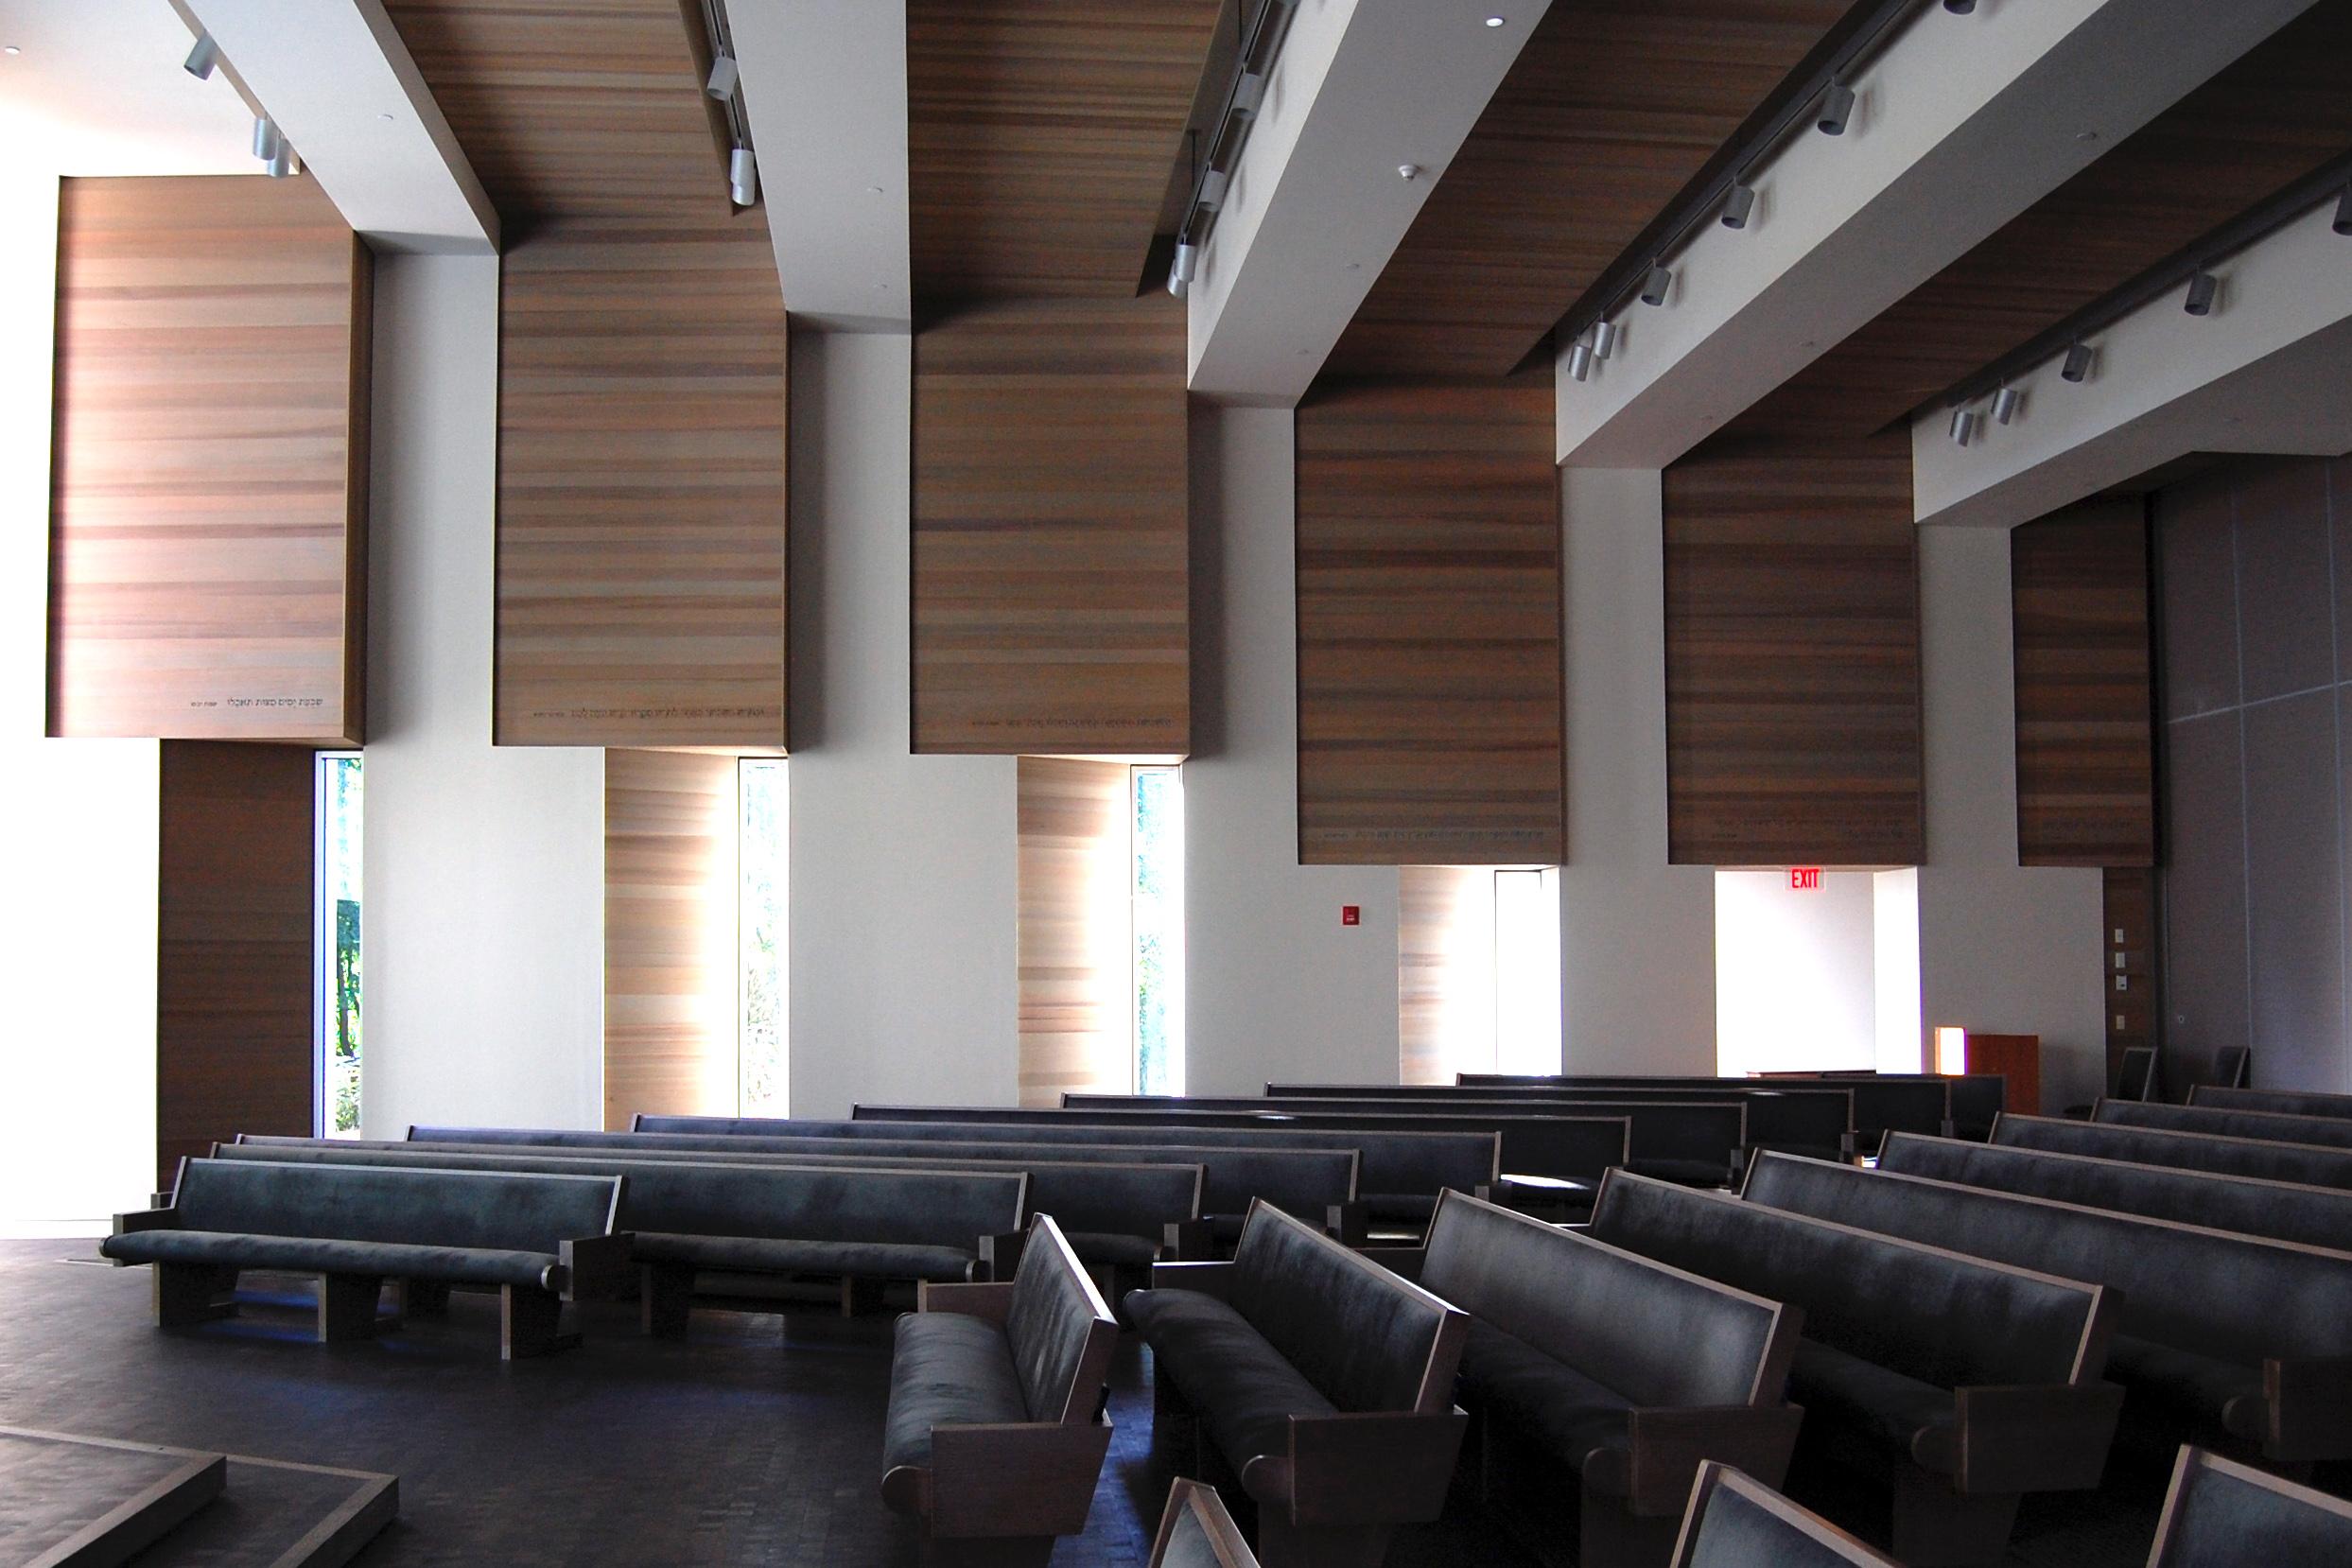 DameronArchitecture_WestchesterTemple_7.jpg